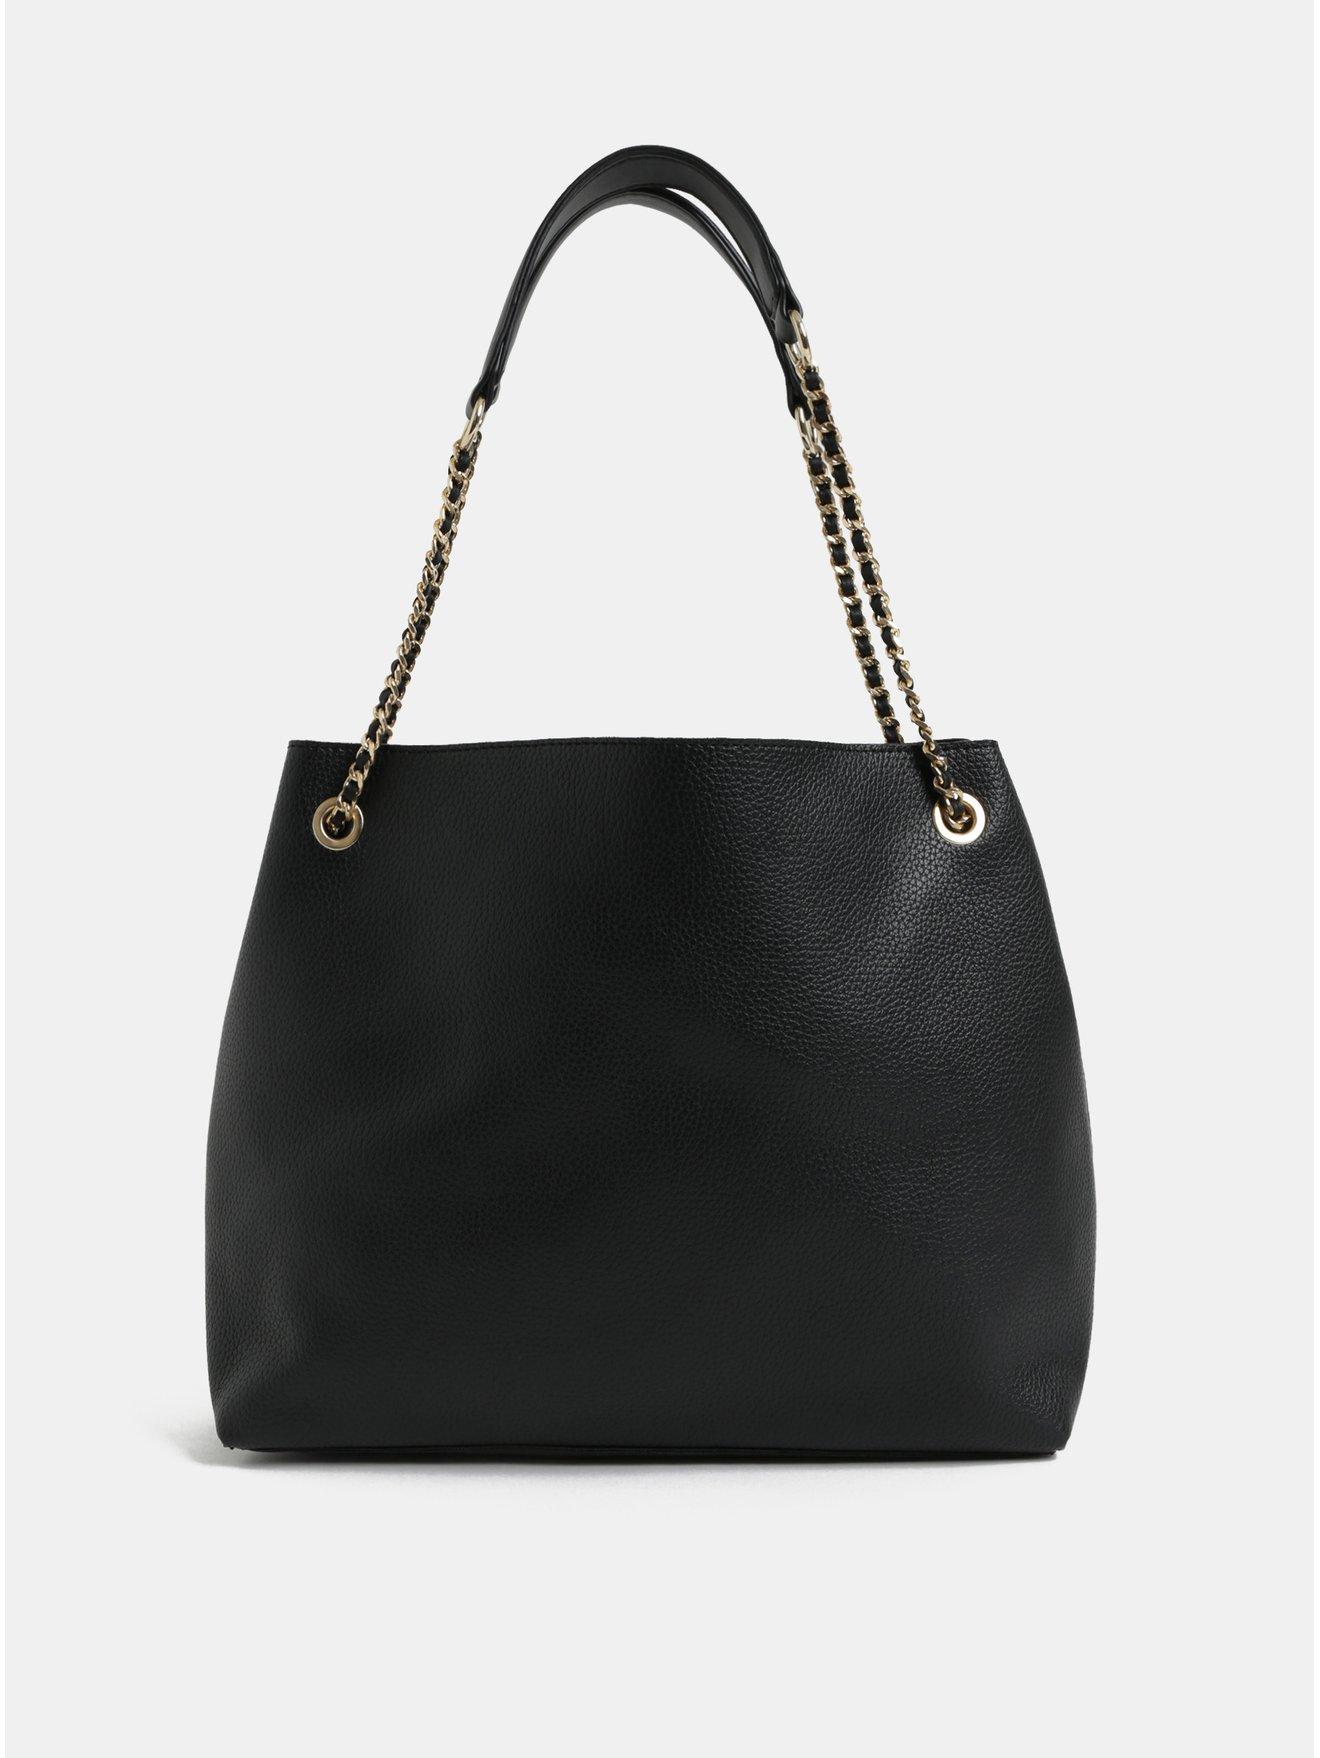 Černá kabelka s detaily ve zlaté barvě Miss Selfridge 4dd5328efe